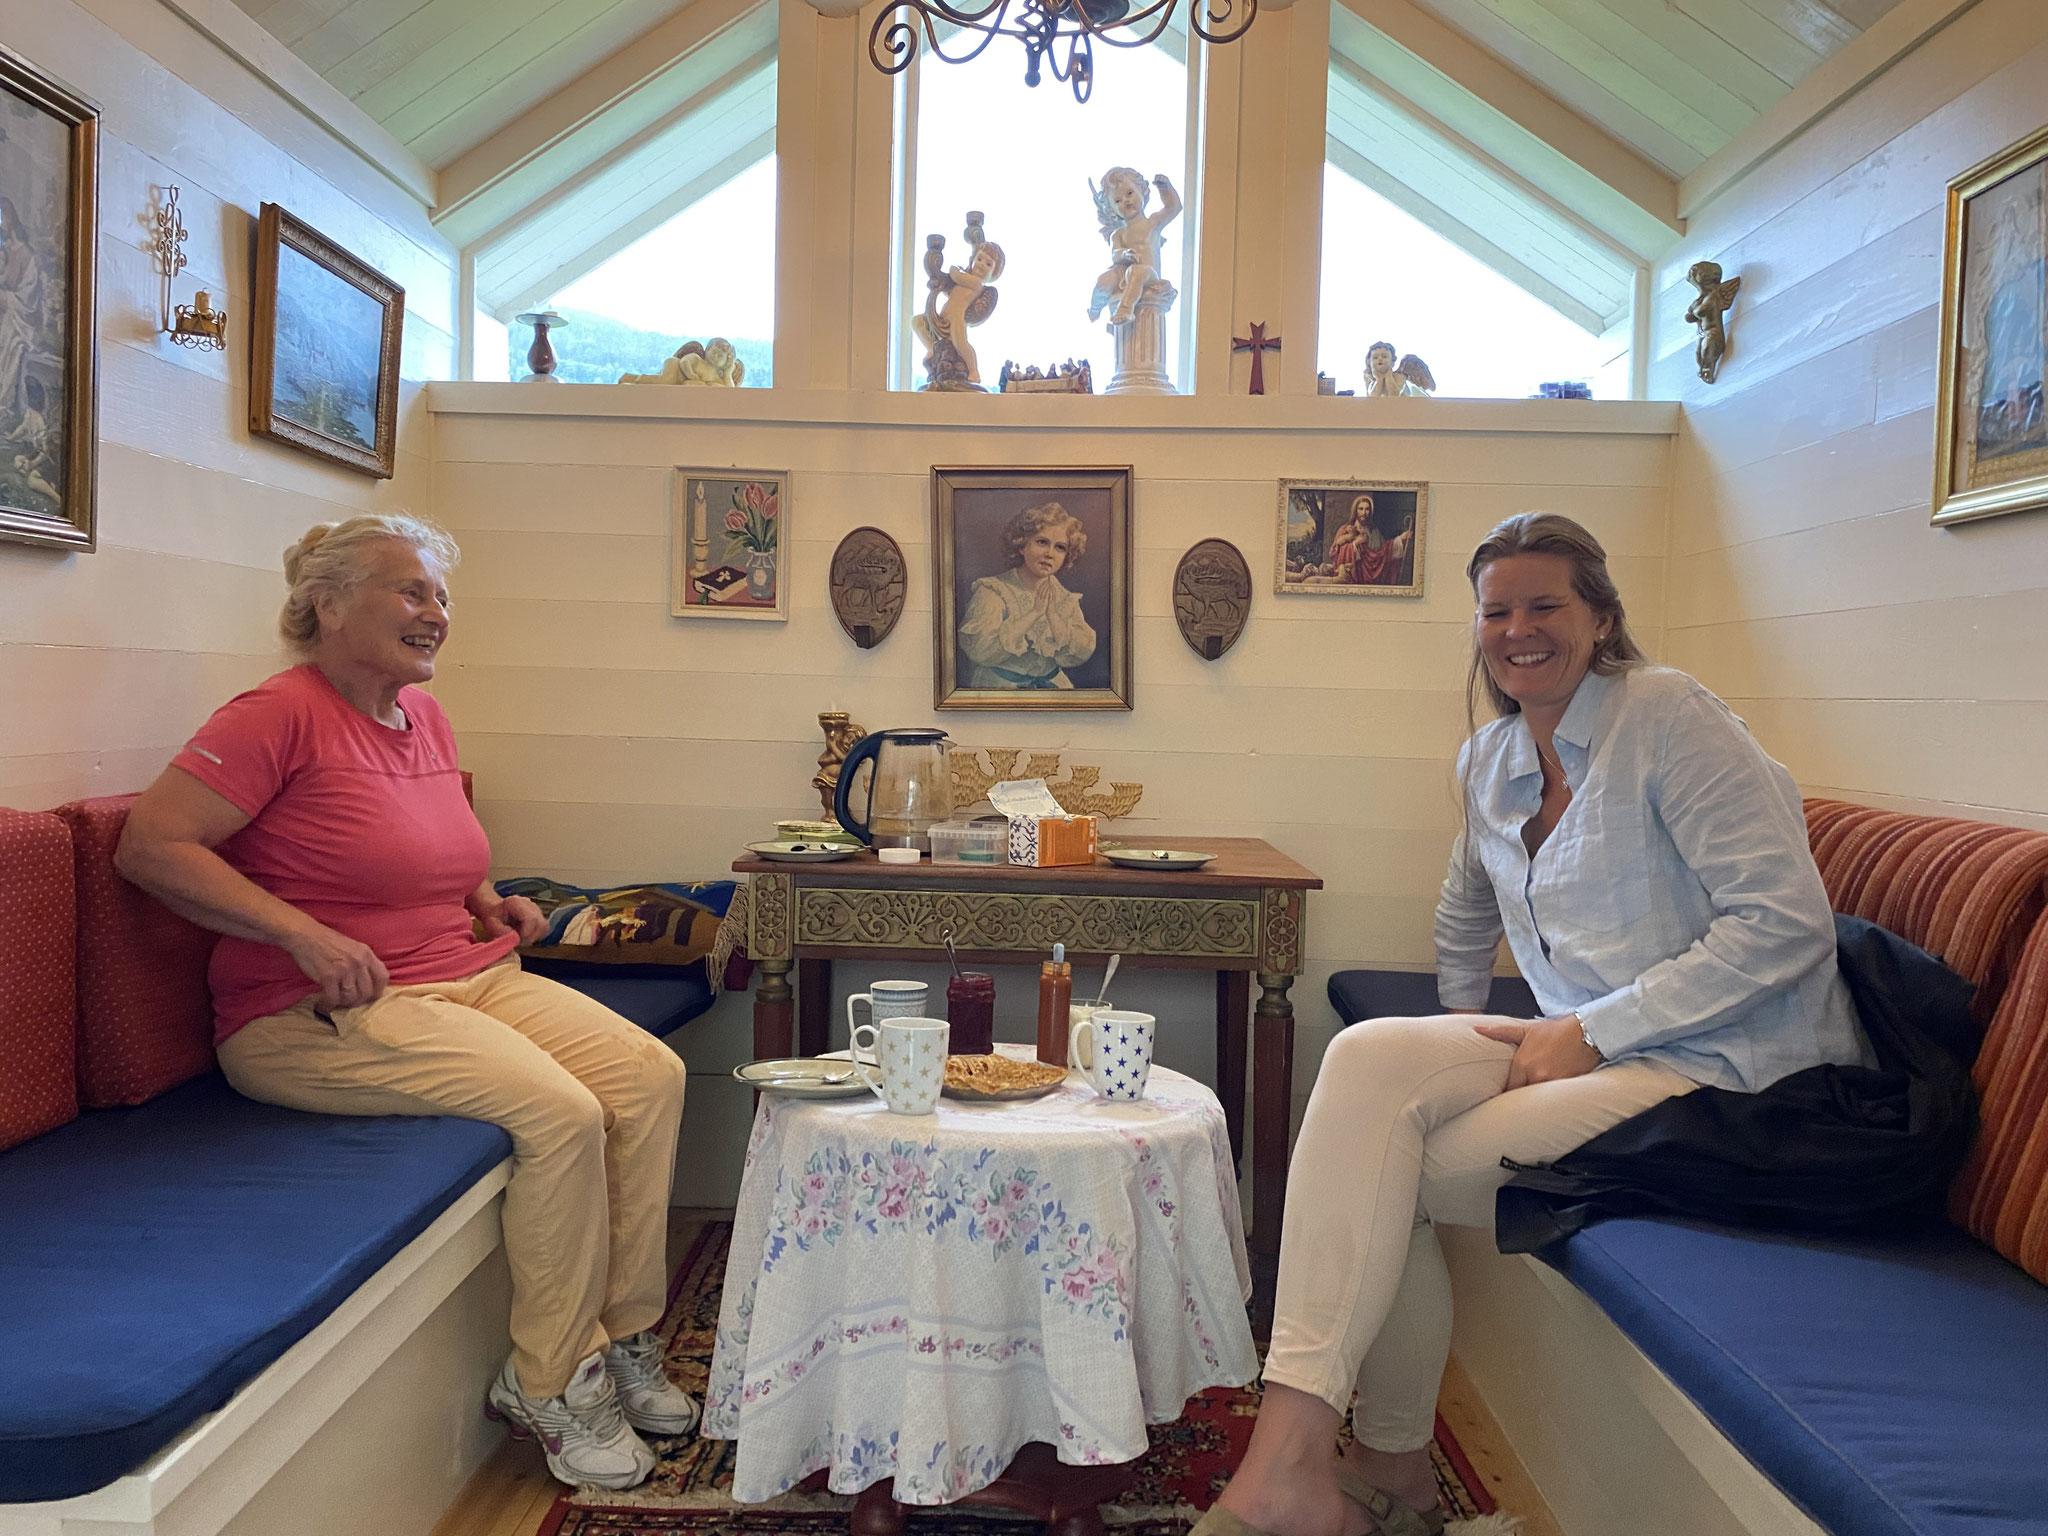 Silje Sjøtveit zu Besuch bei Gerd Solfrid Pålerud in der Kapelle